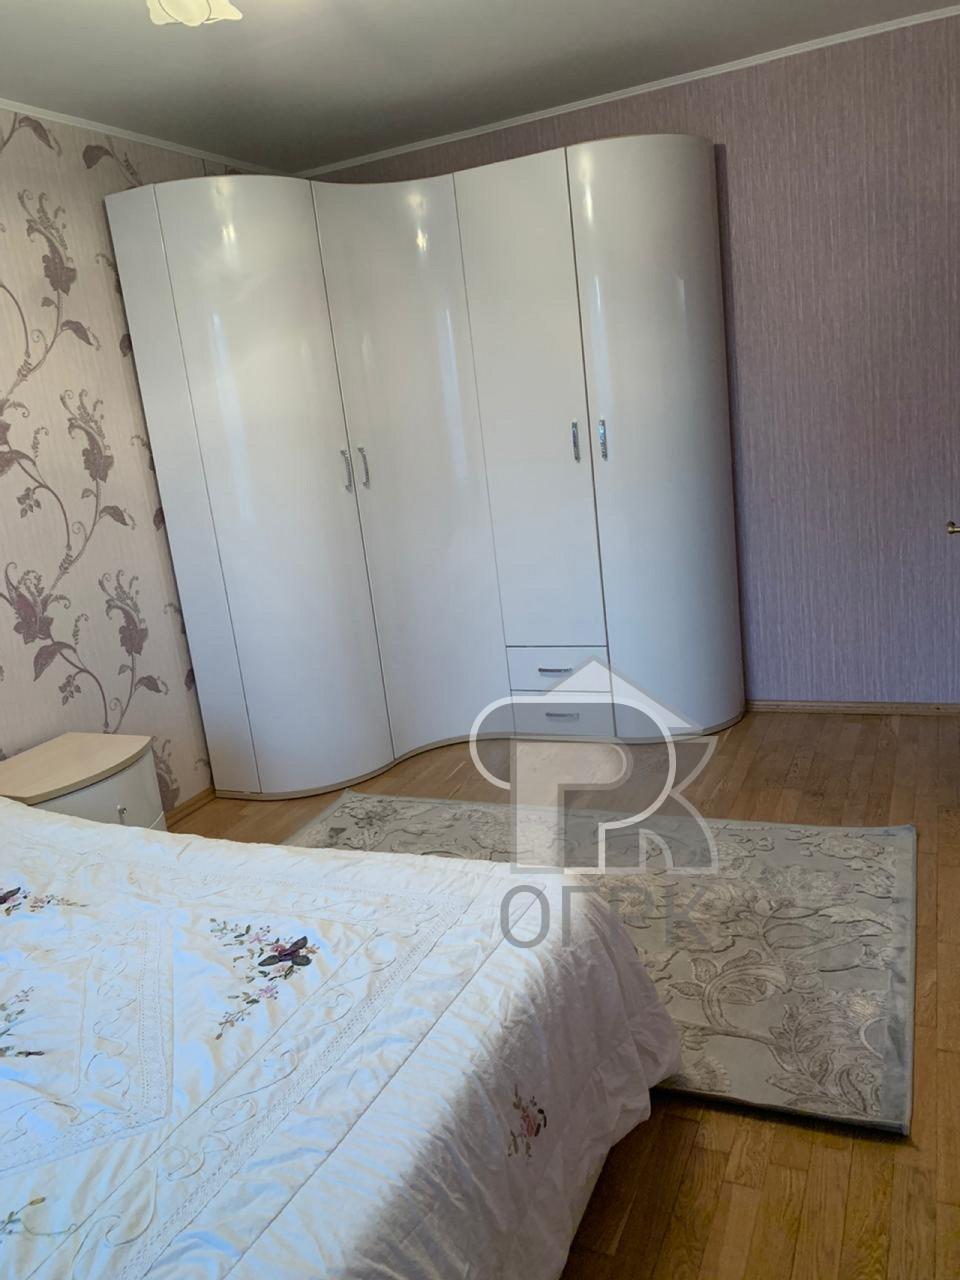 Купить 2-комнатную квартиру, город Москва, Москва, Дмитрия Донского бул., д.11, №322212